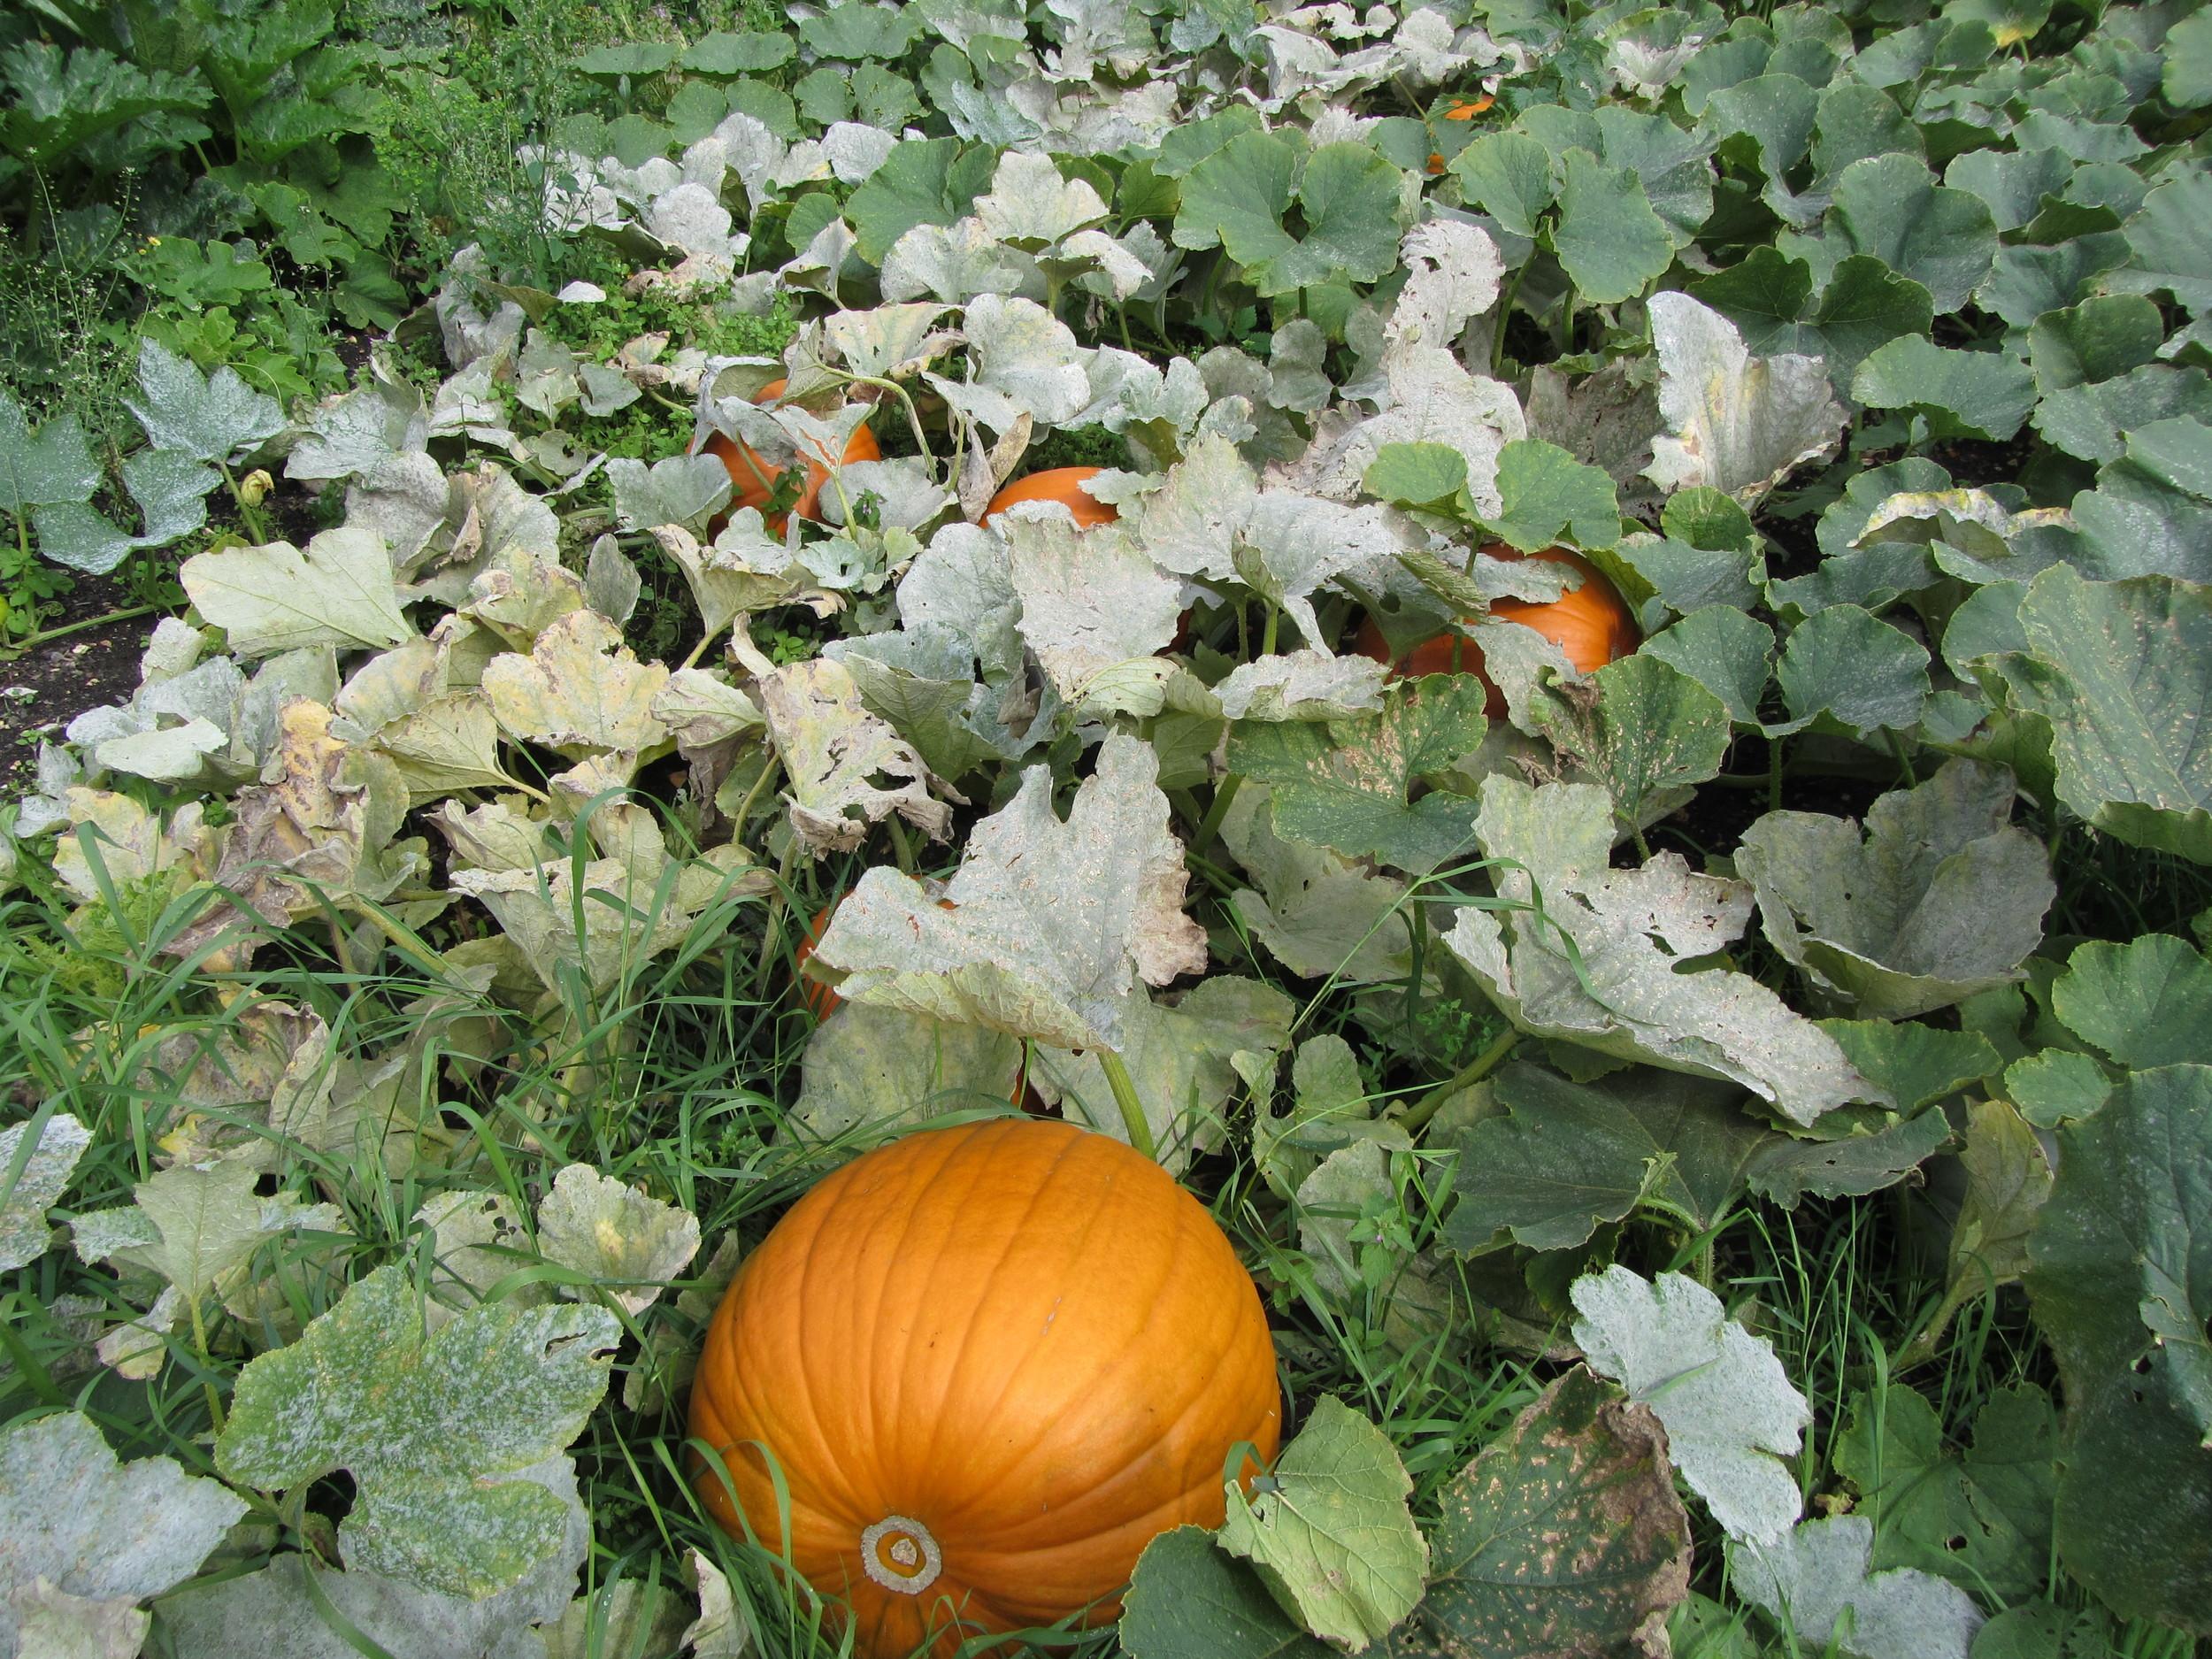 Pumpkins growing at Deans Court, Dorset